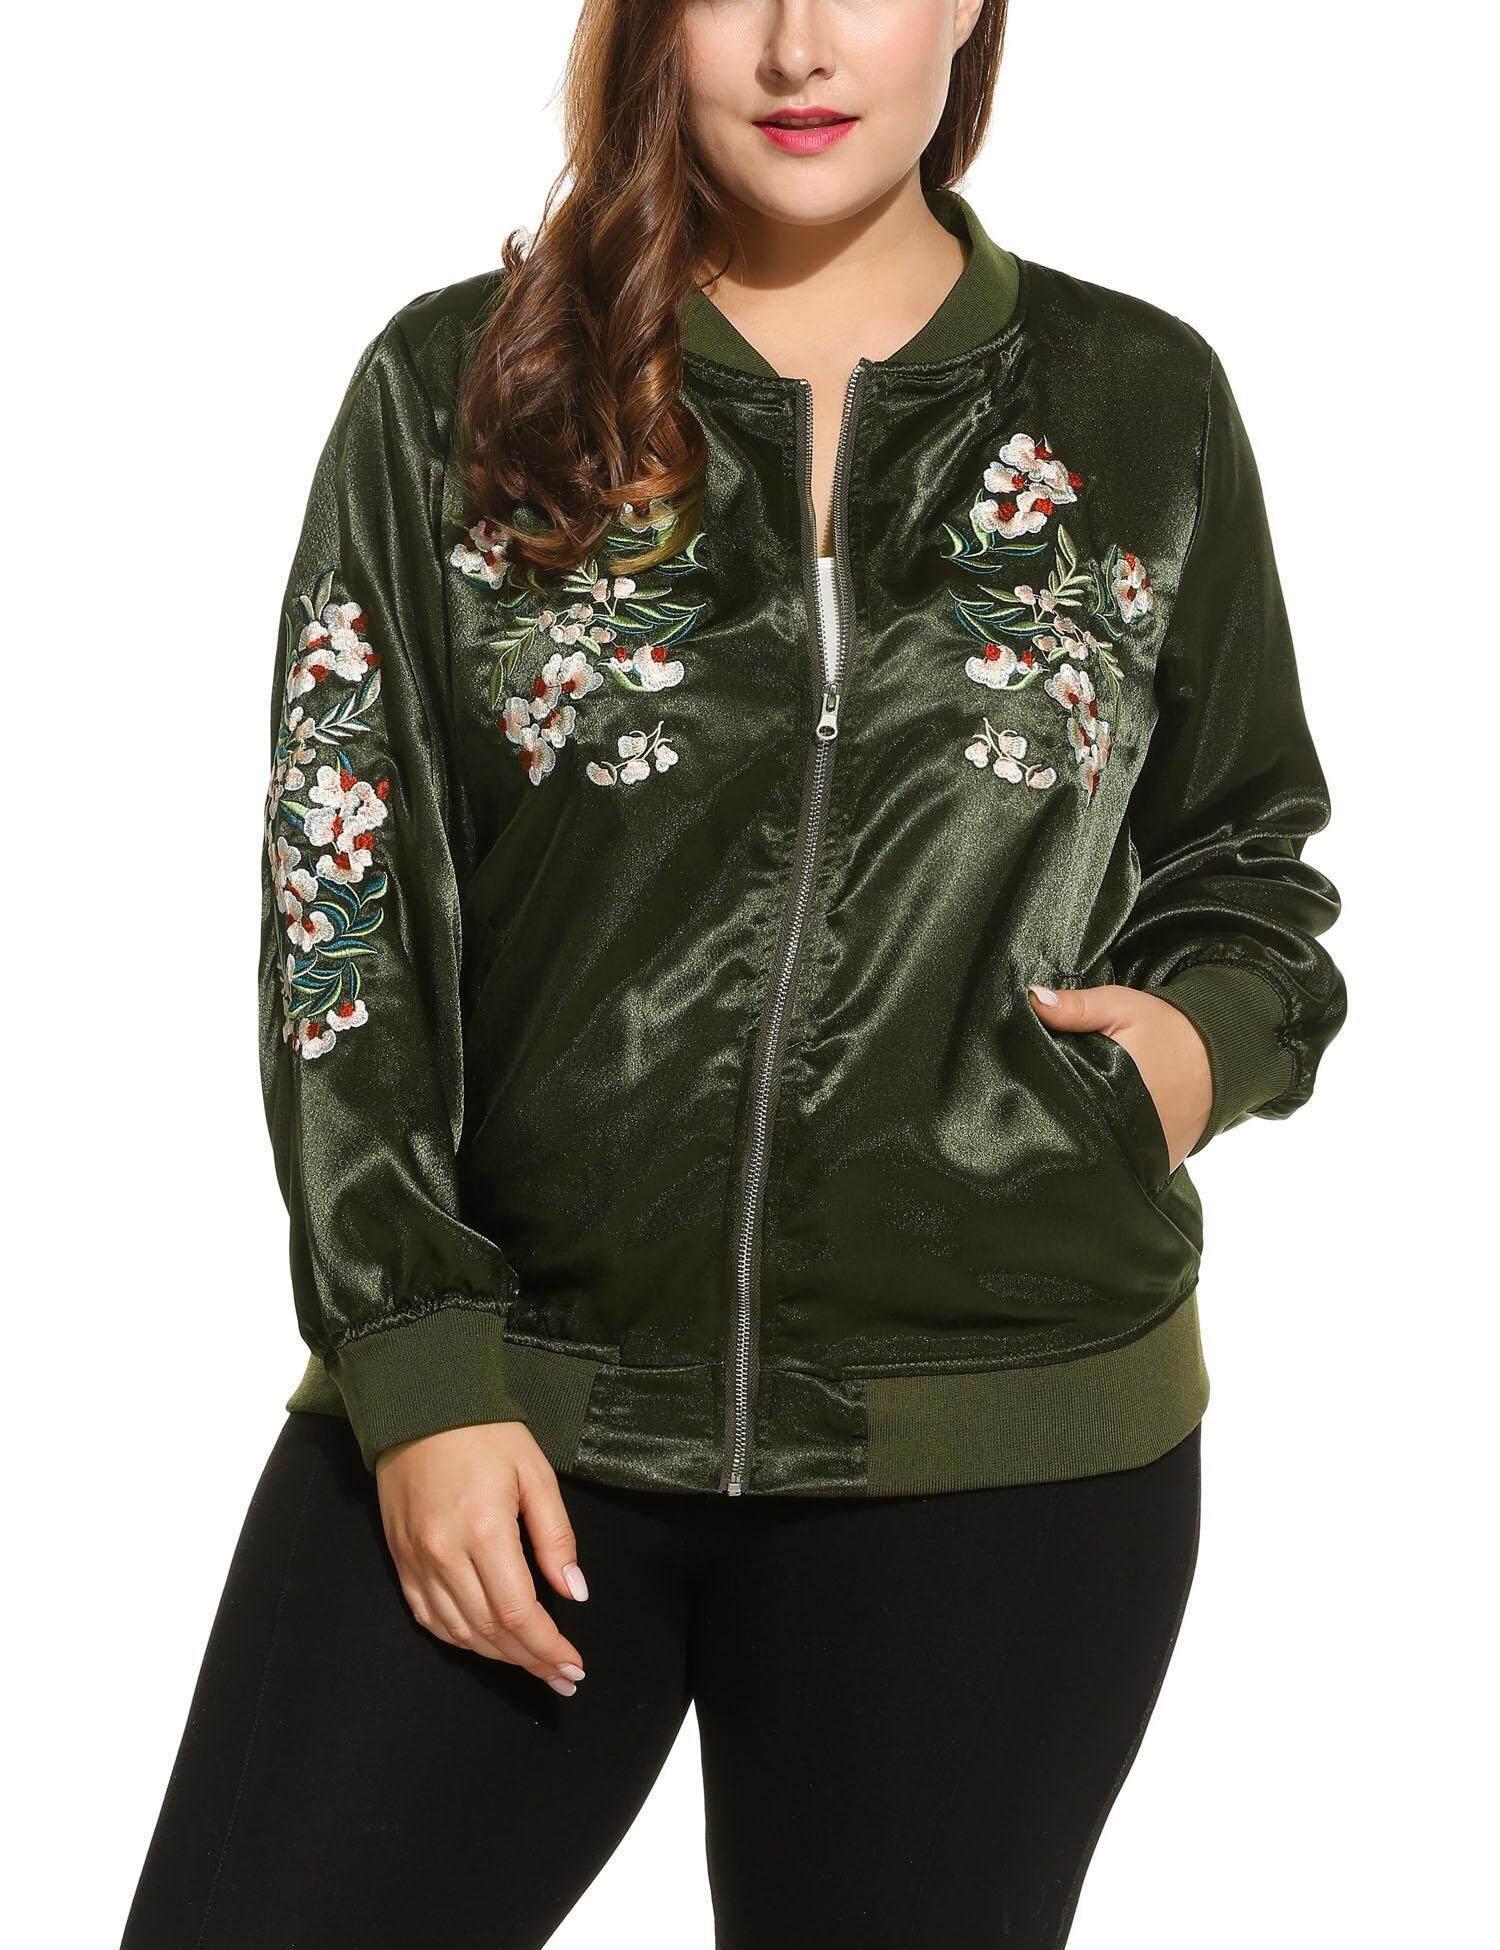 Latest New Sunwonder Women Fashion Retro Plus Sizes Long Sleeve Flower Embroidered Zip Up Bomber Jacket Intl